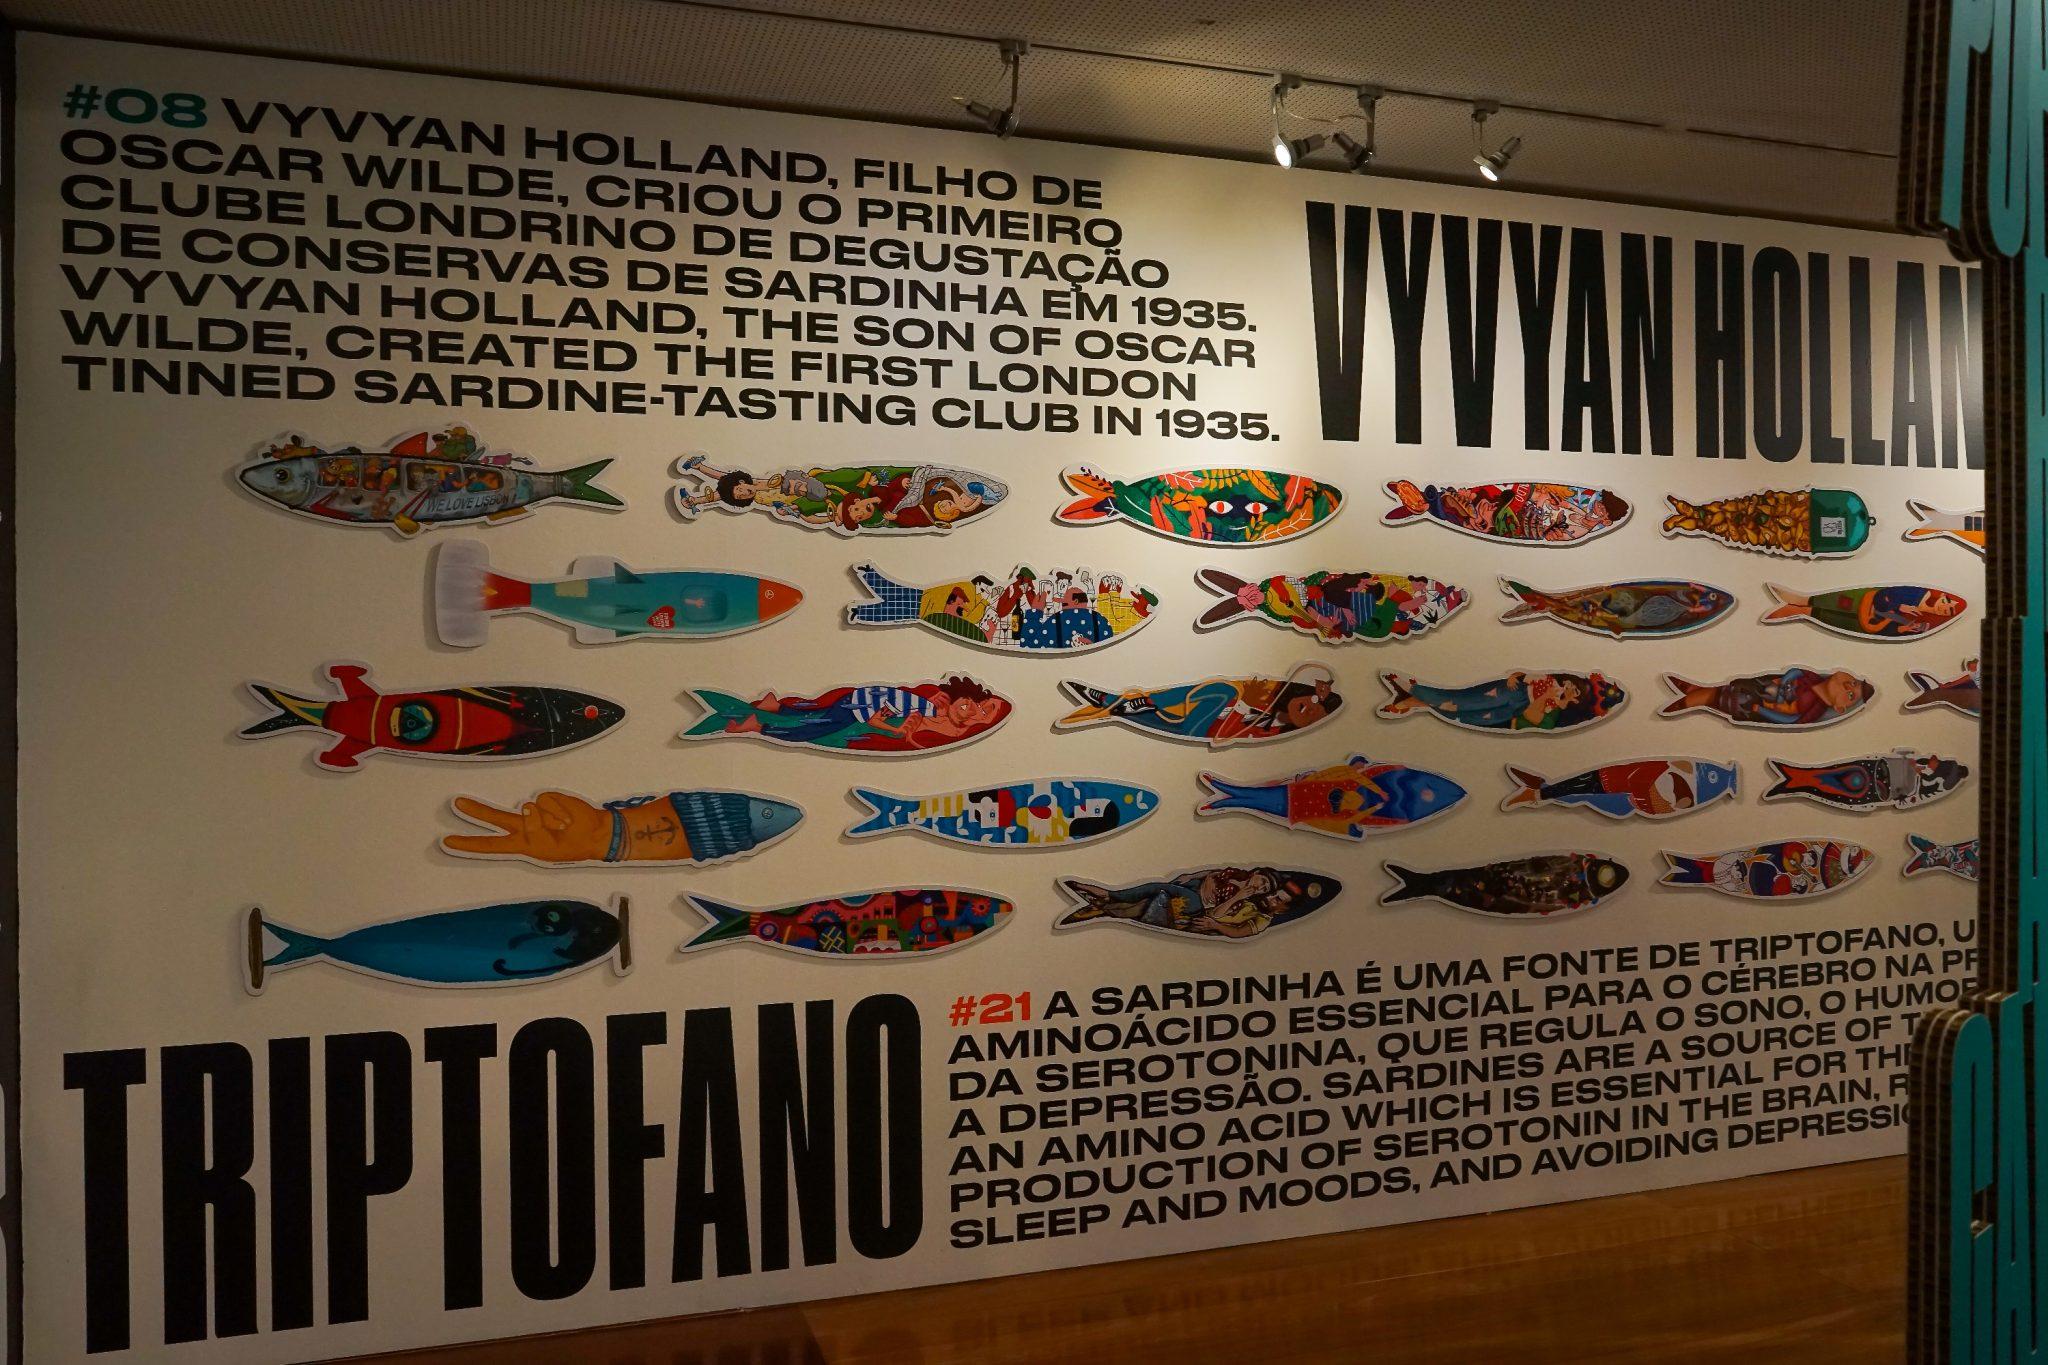 Painel informativo com sardinhas coladas e textos sobre sardinhas